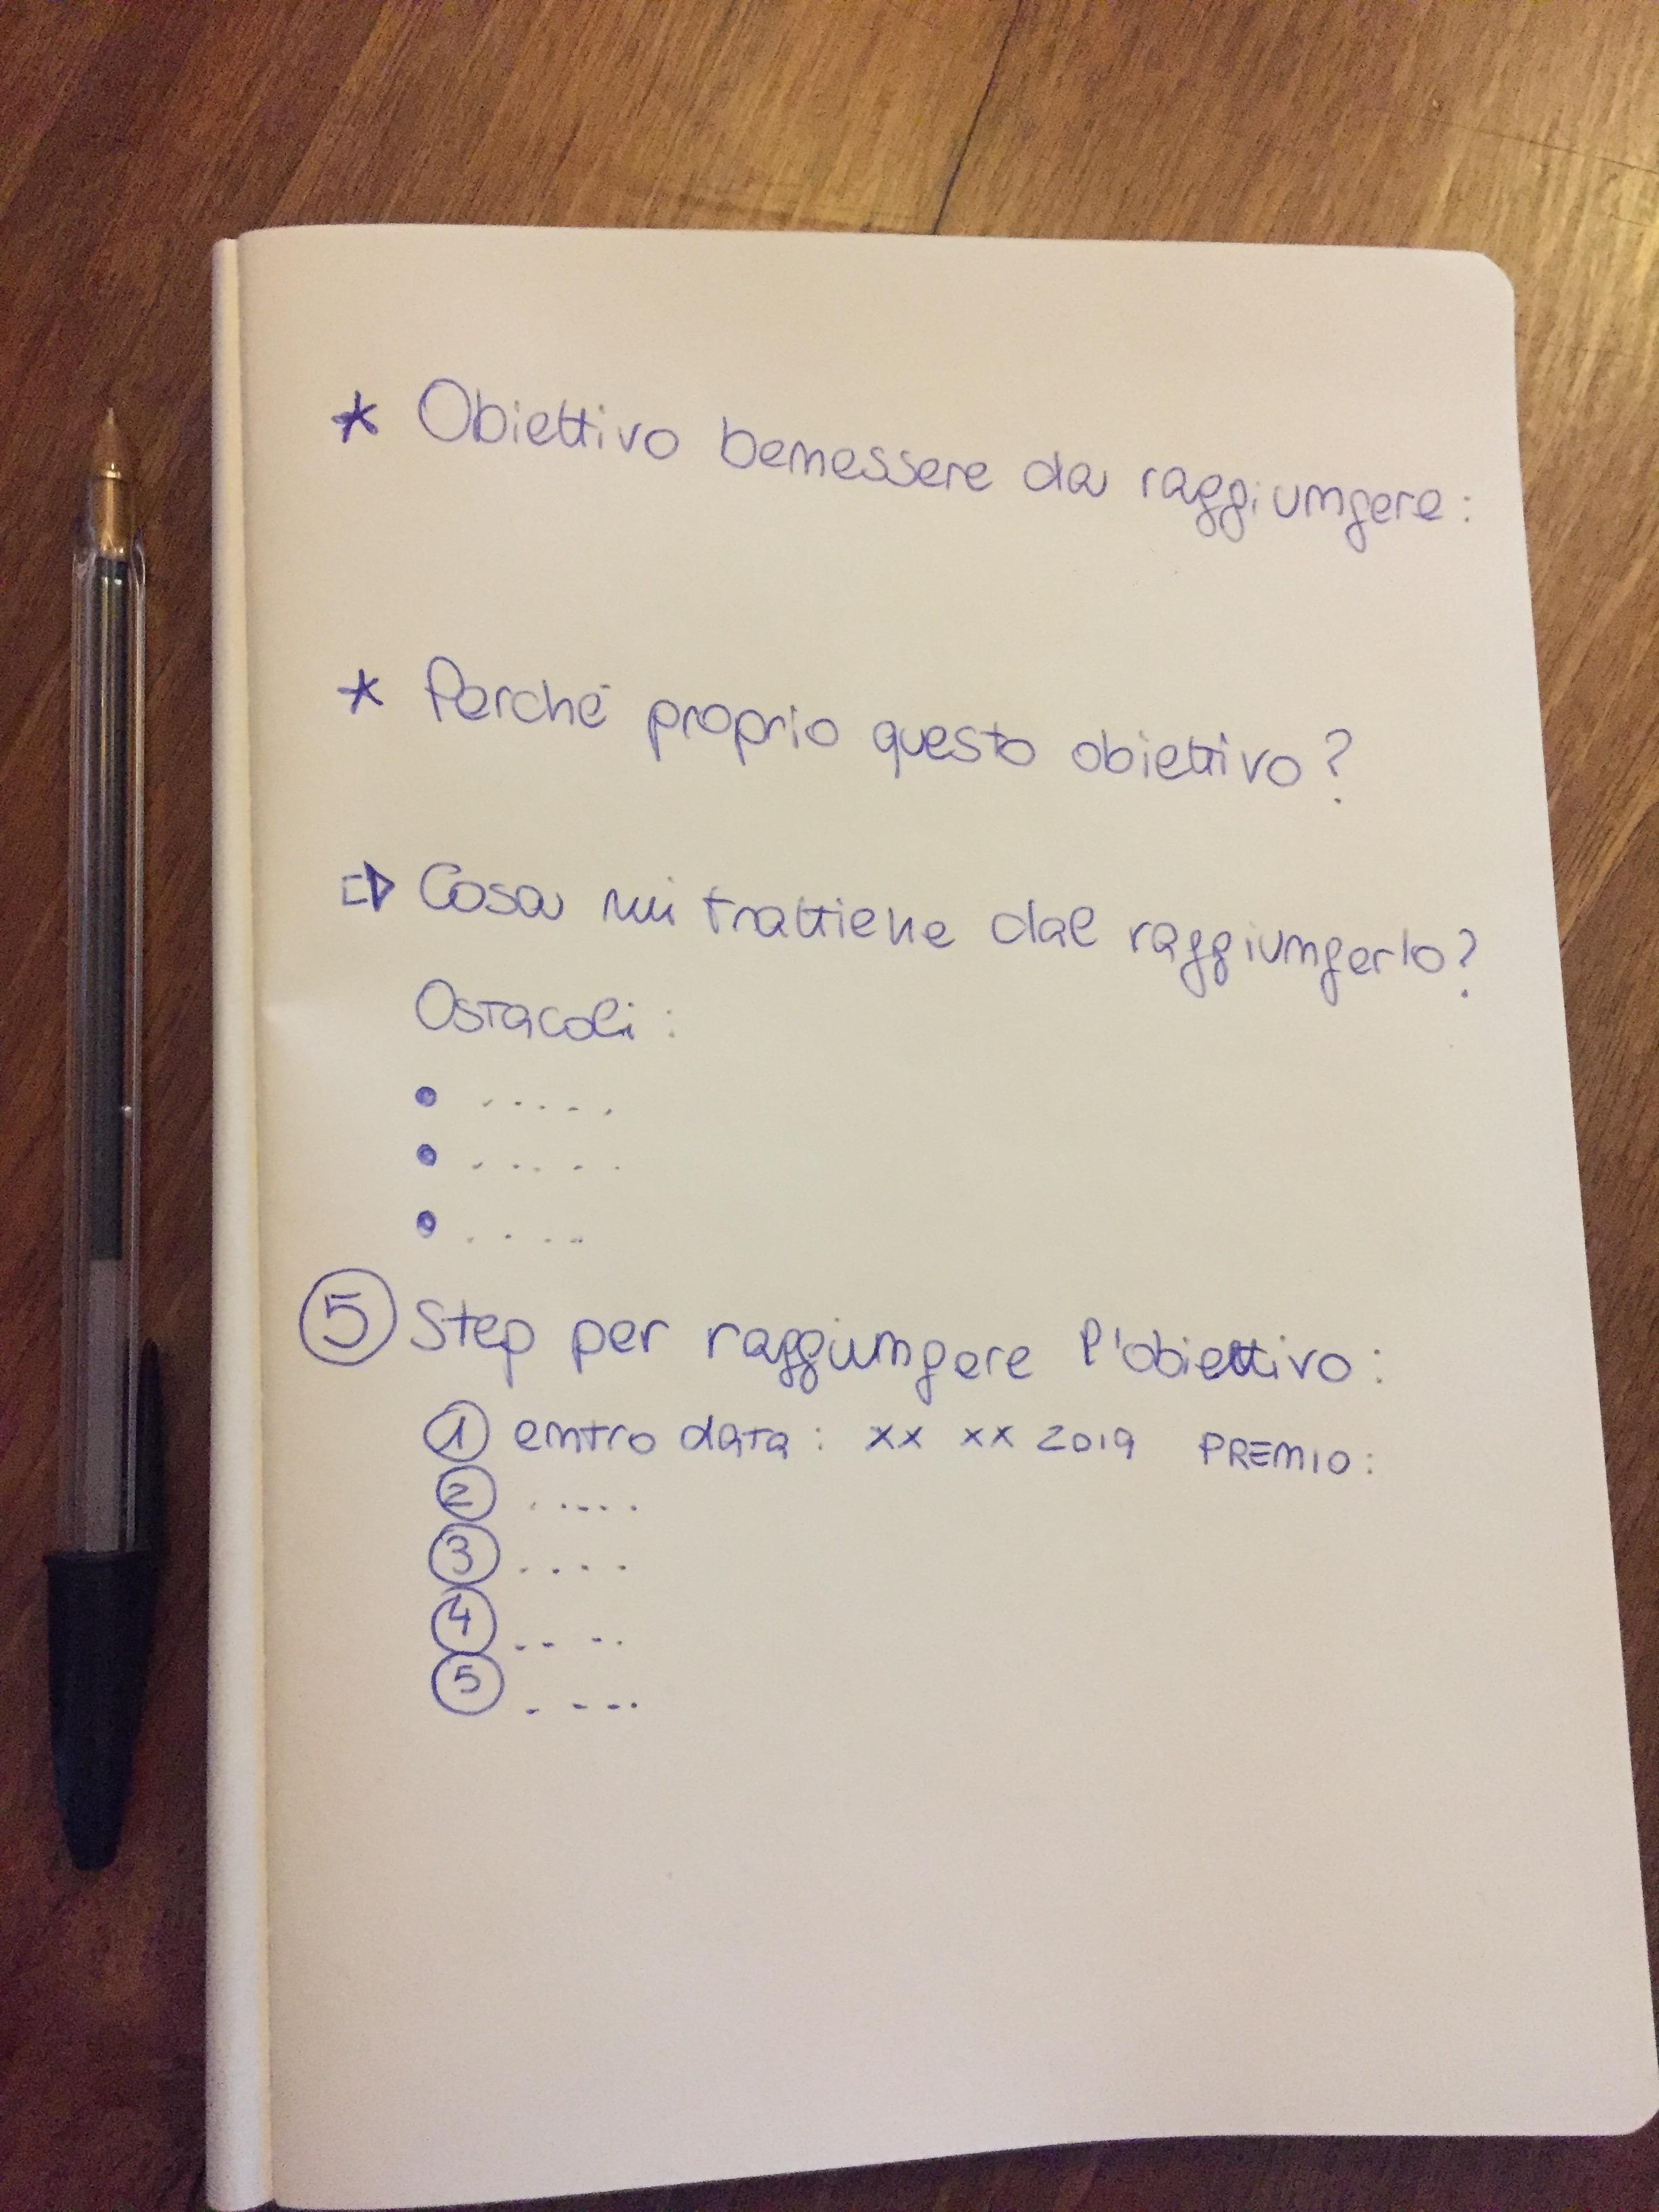 Non appena riesco a farmi prestare i pennarelli da mia figlia…lo finisco di compilare, colorare, disegnare…